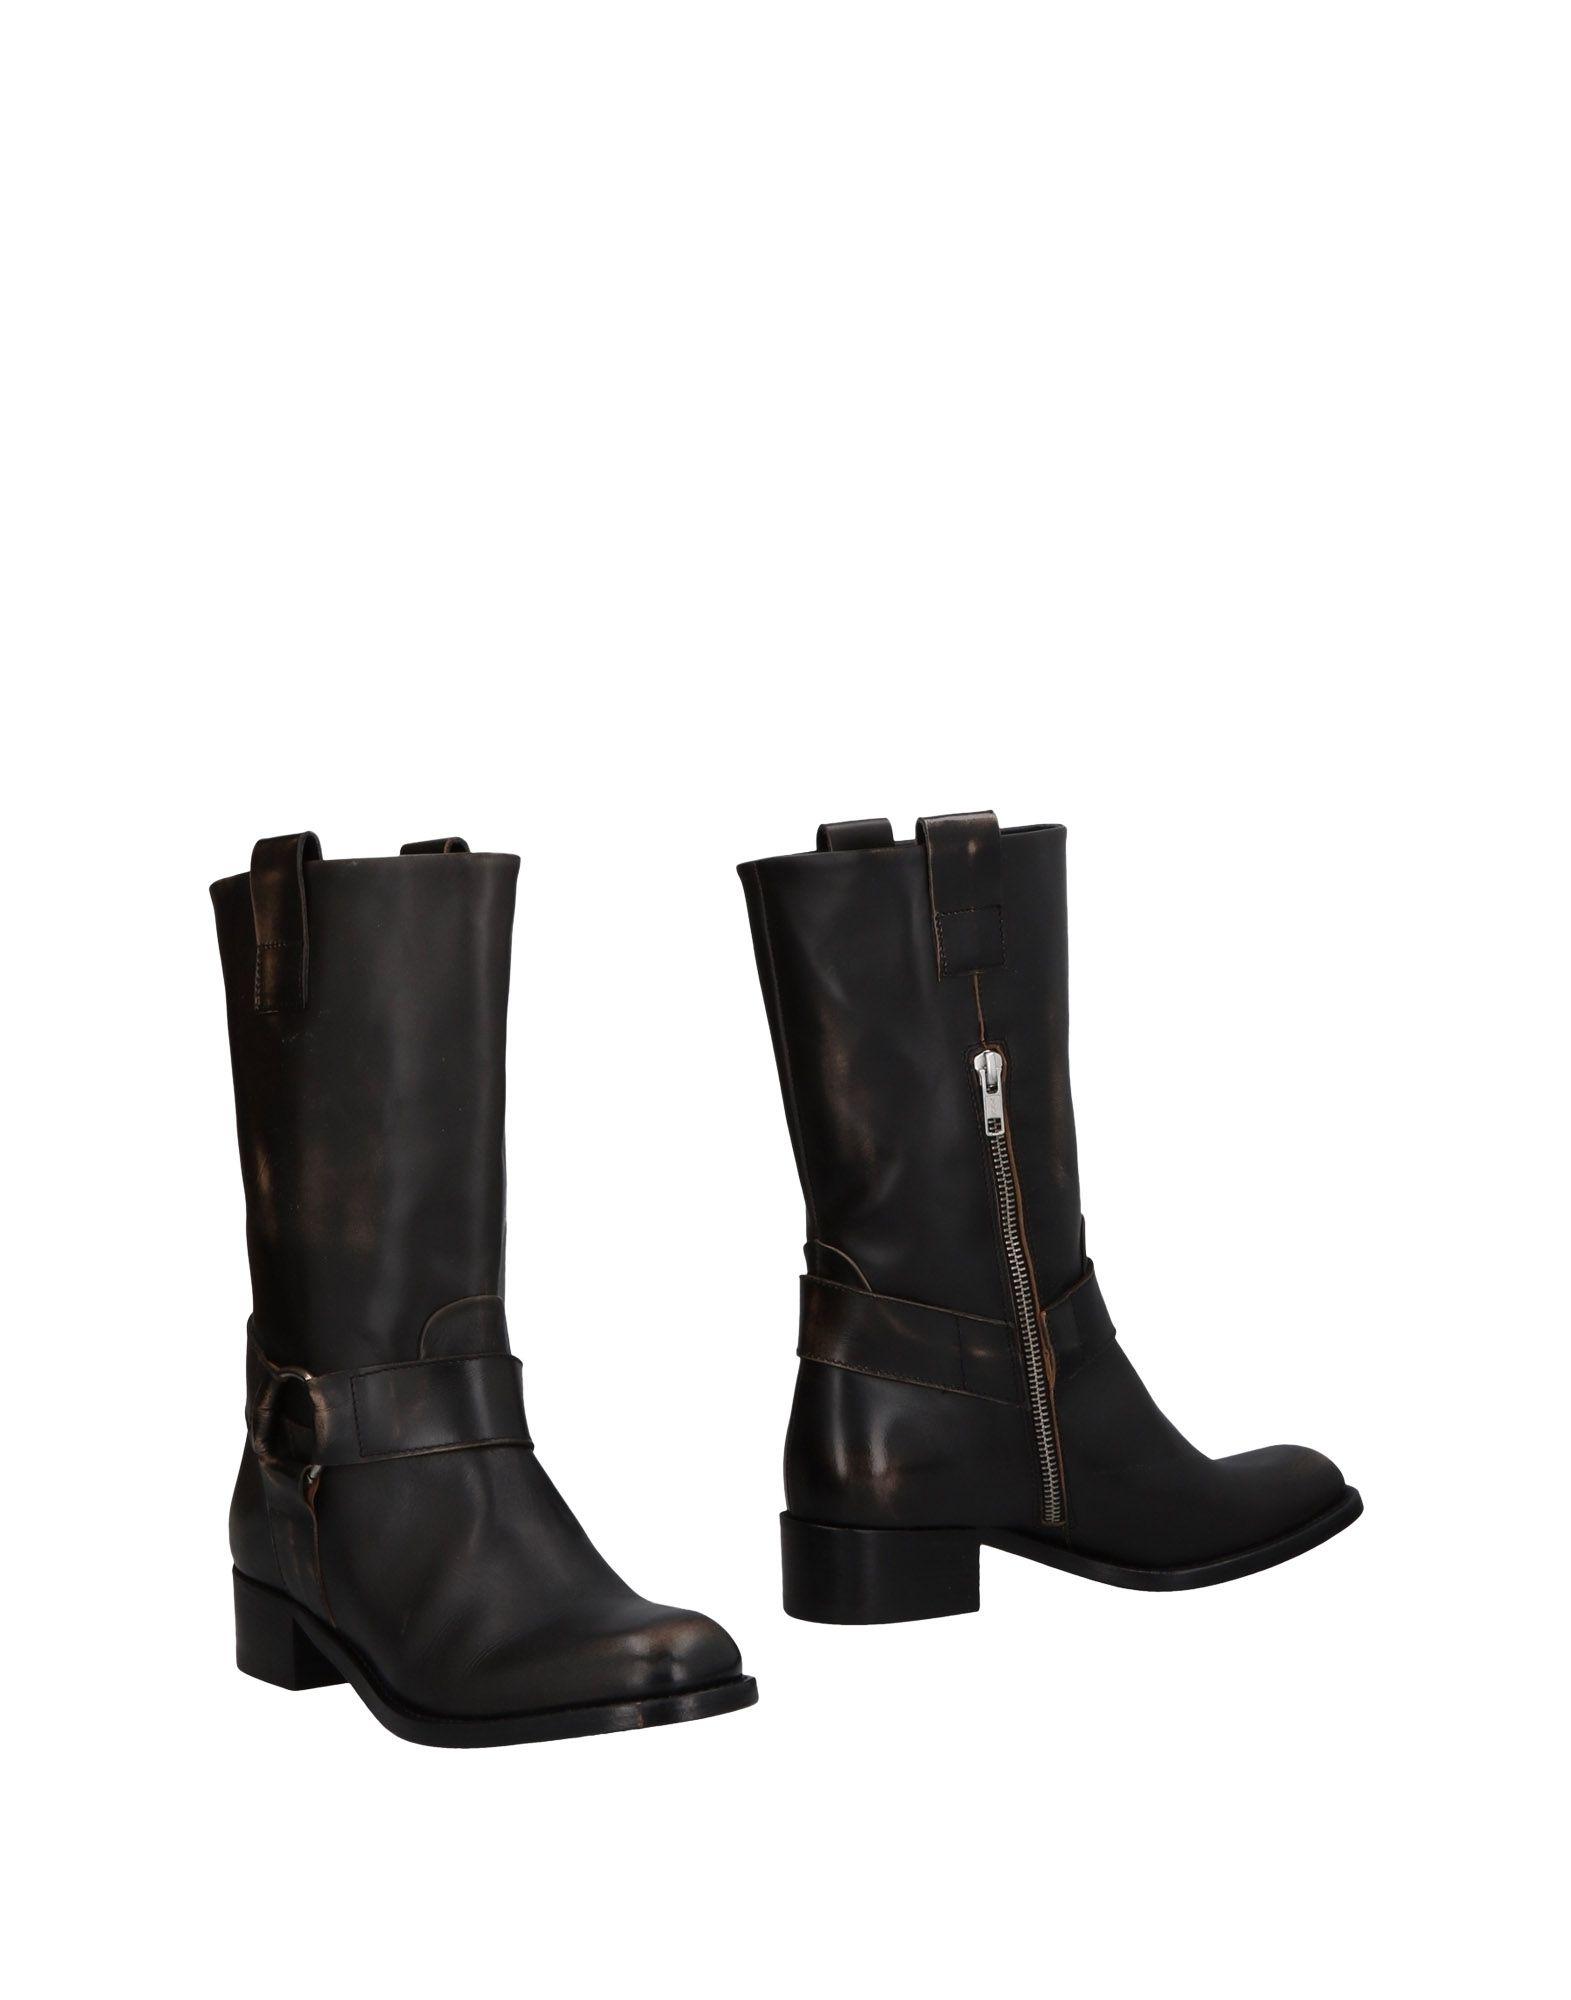 ALEXANDER HOTTO Сапоги alexander hotto оригинальные кожаные кроссовки бренда alexander hotto